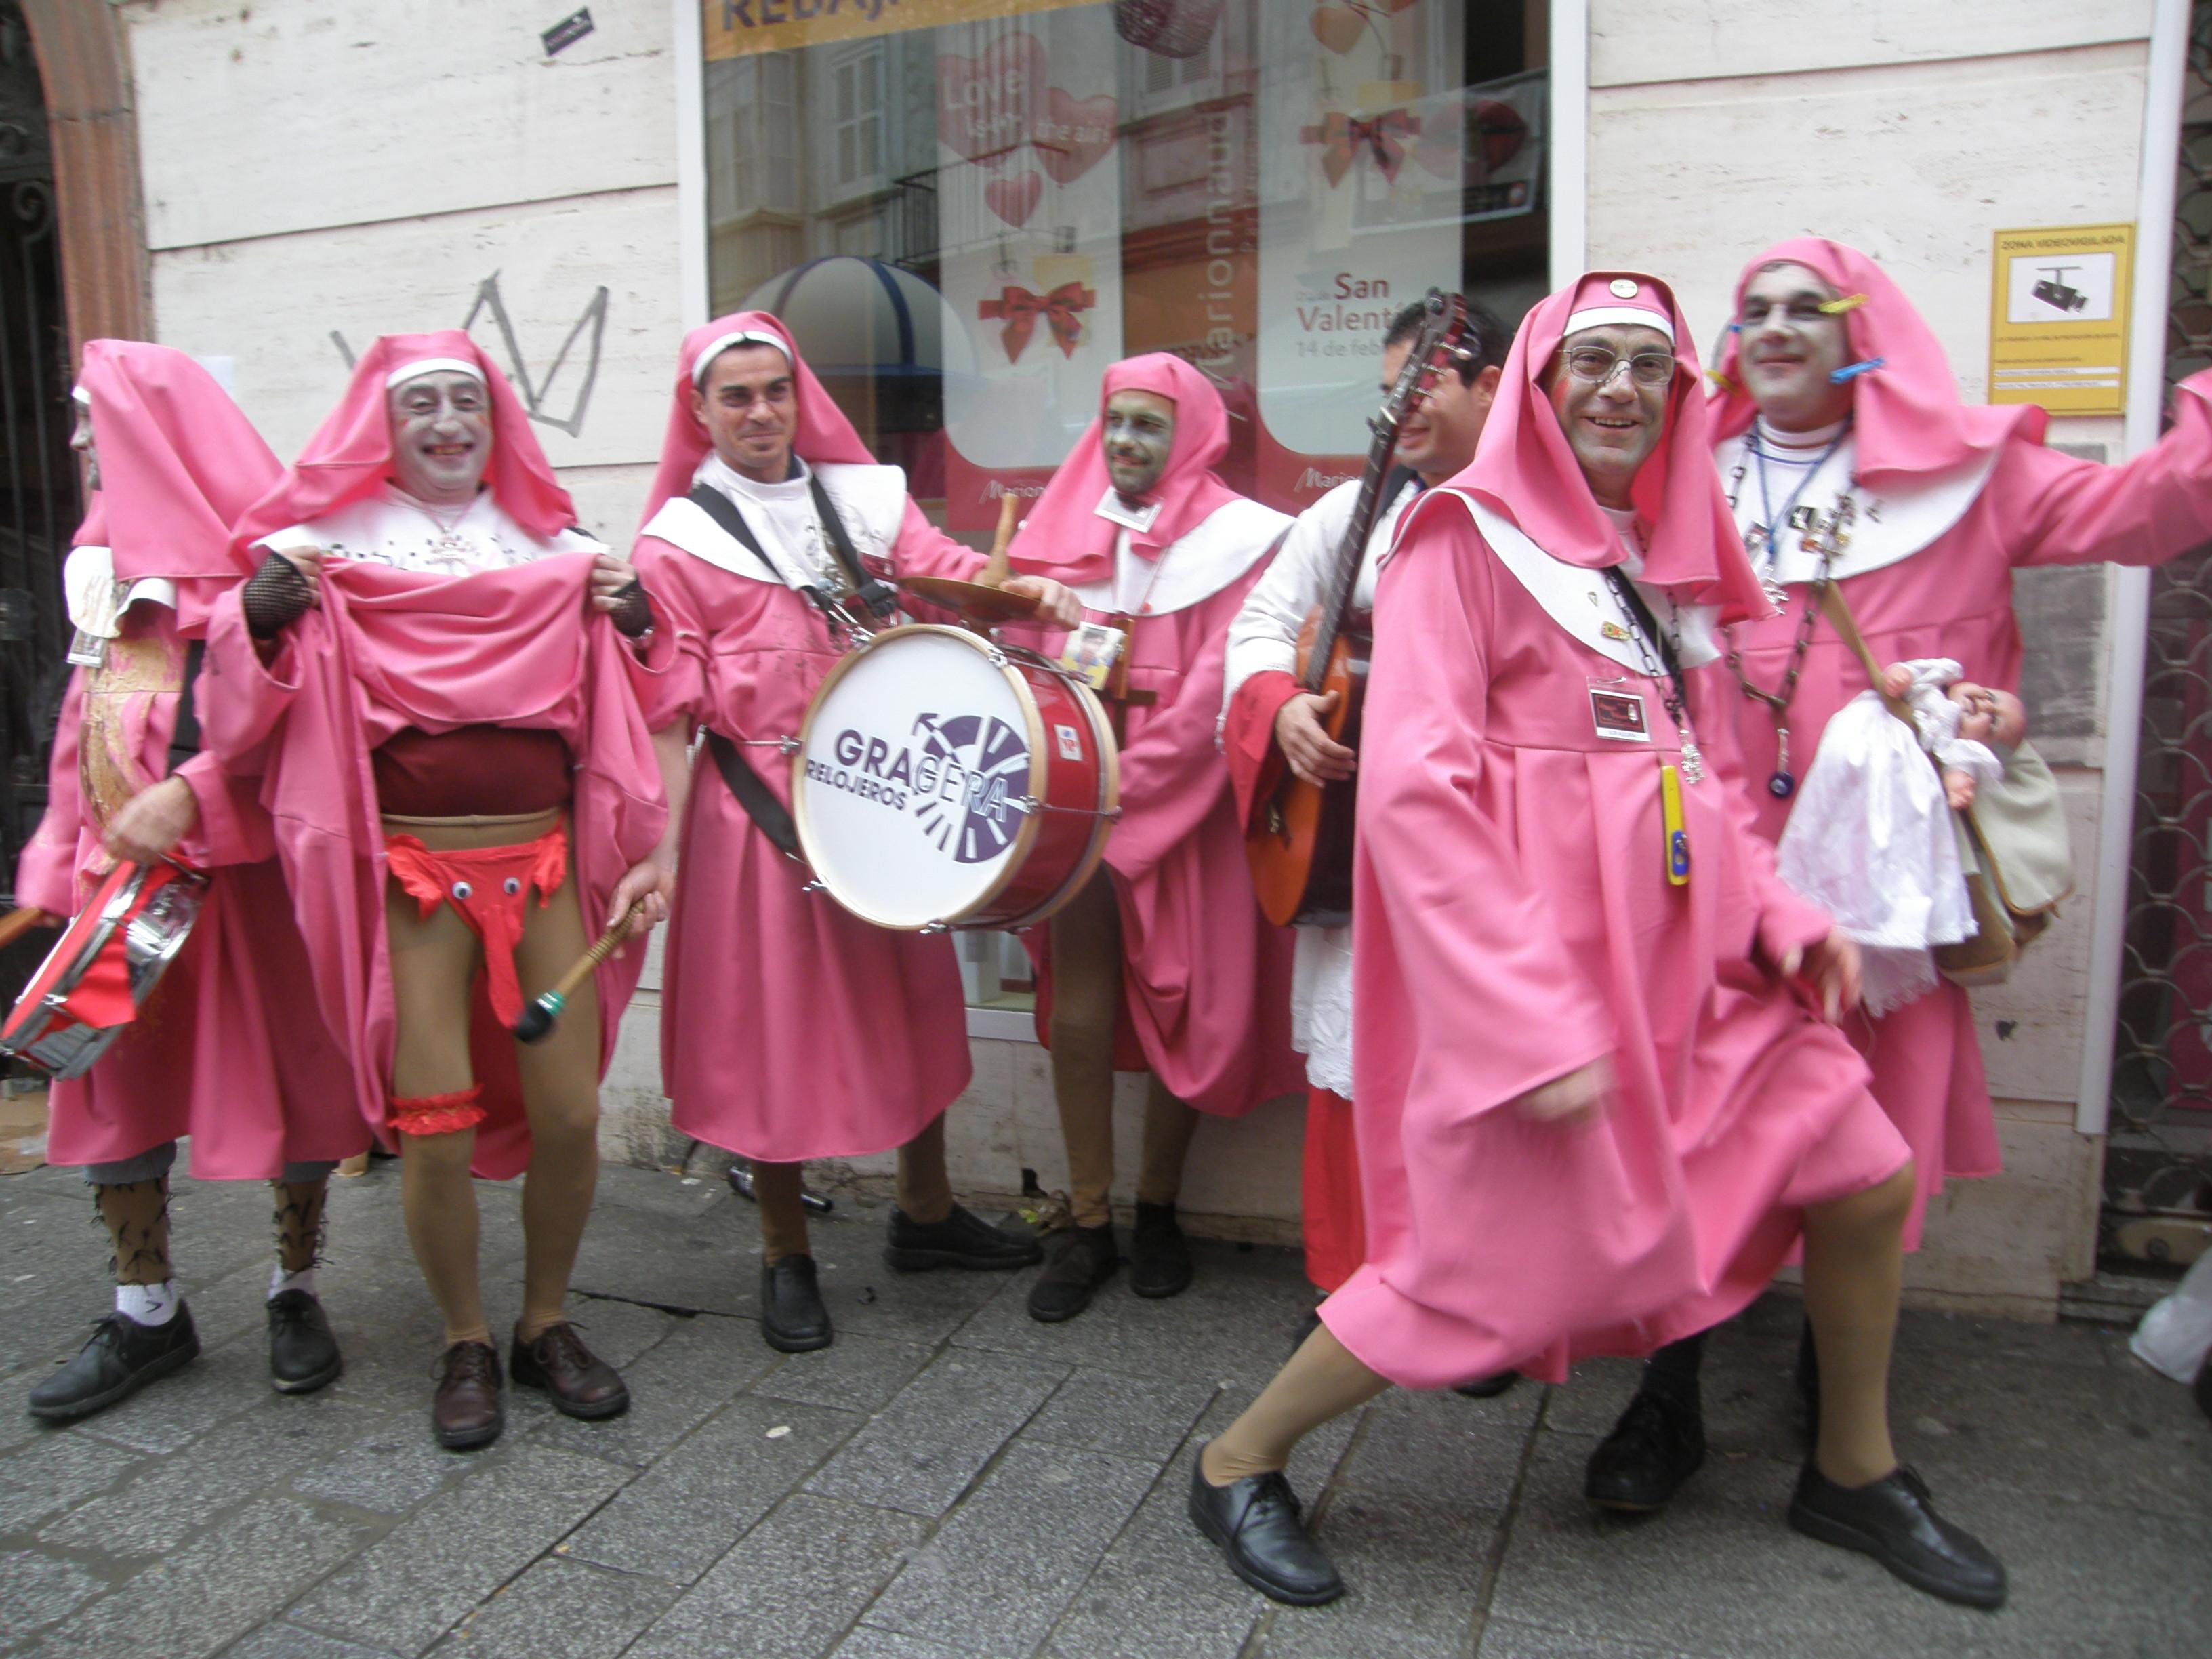 Carnaval em Cádiz, na Espanha